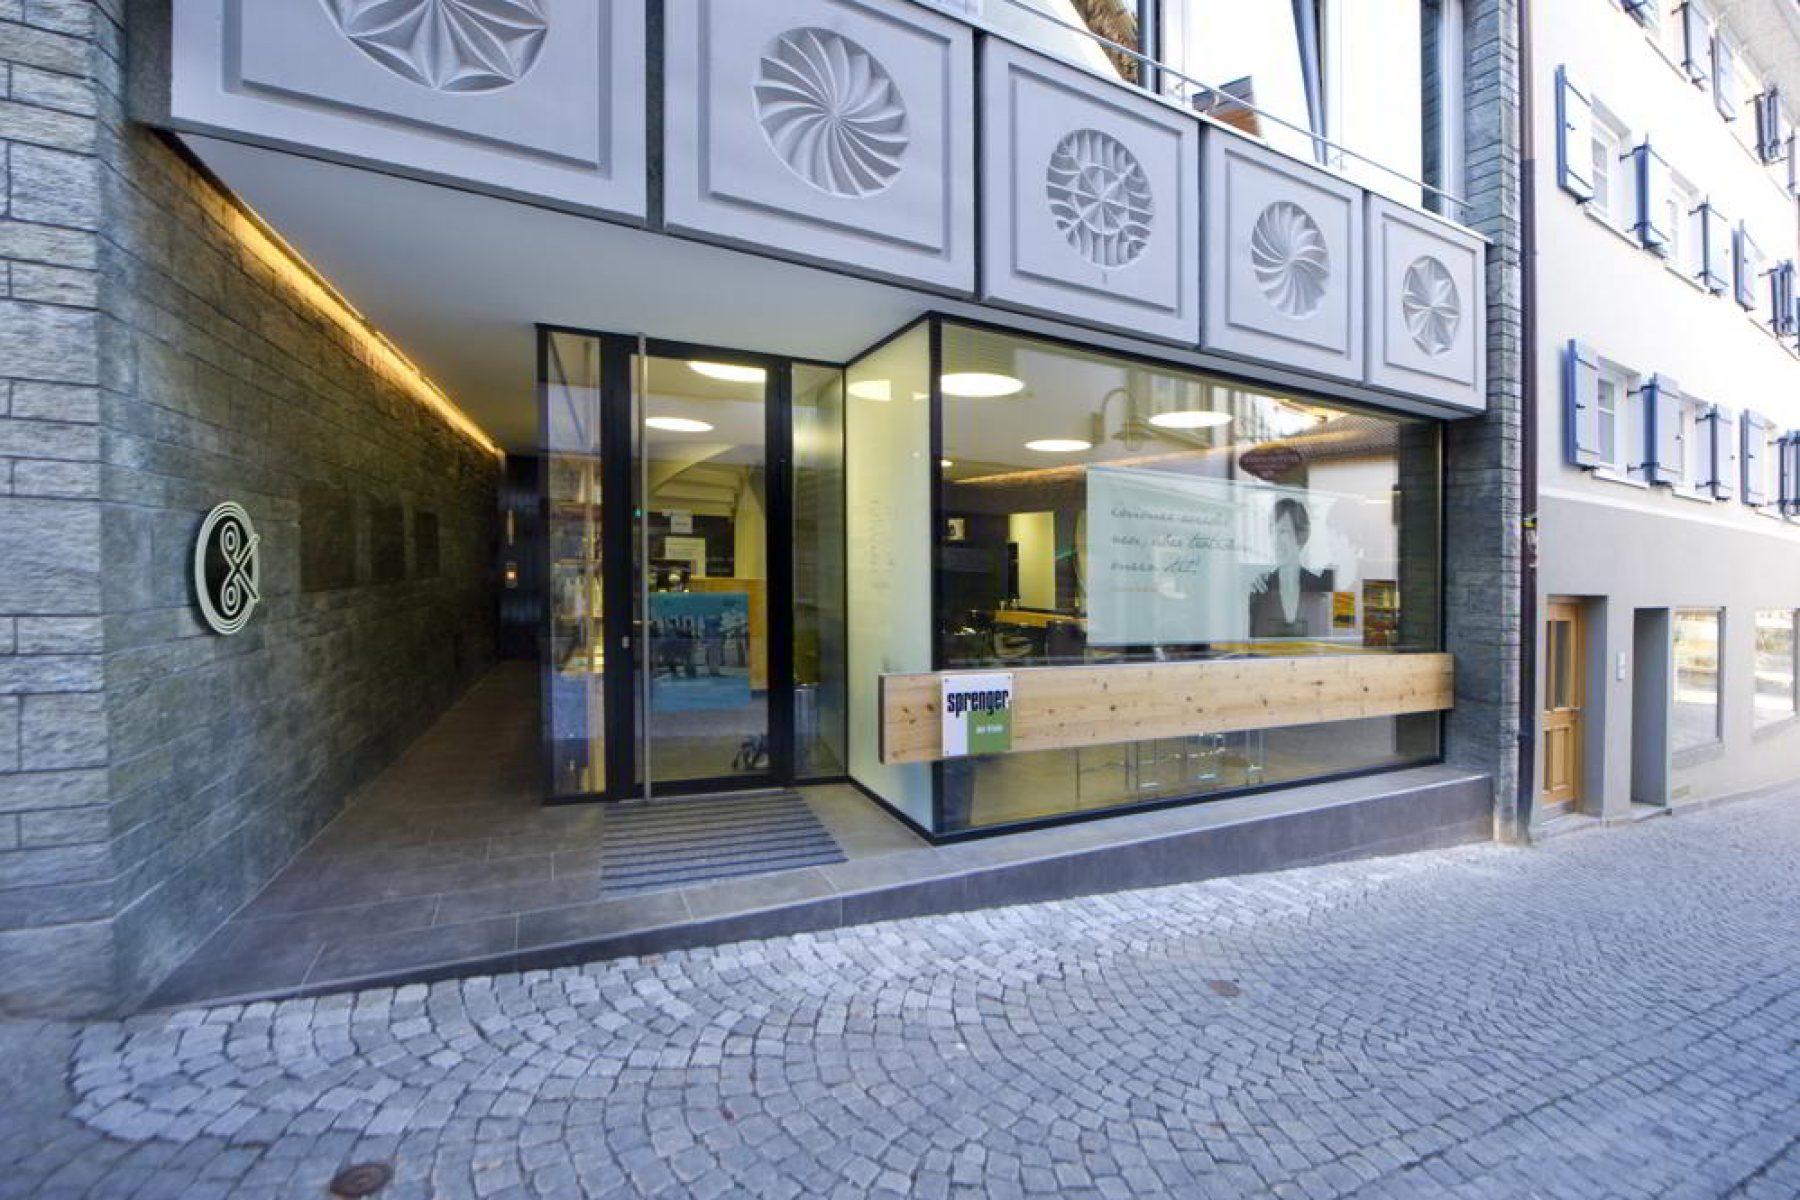 Geschäft-Schruns-2011-5140